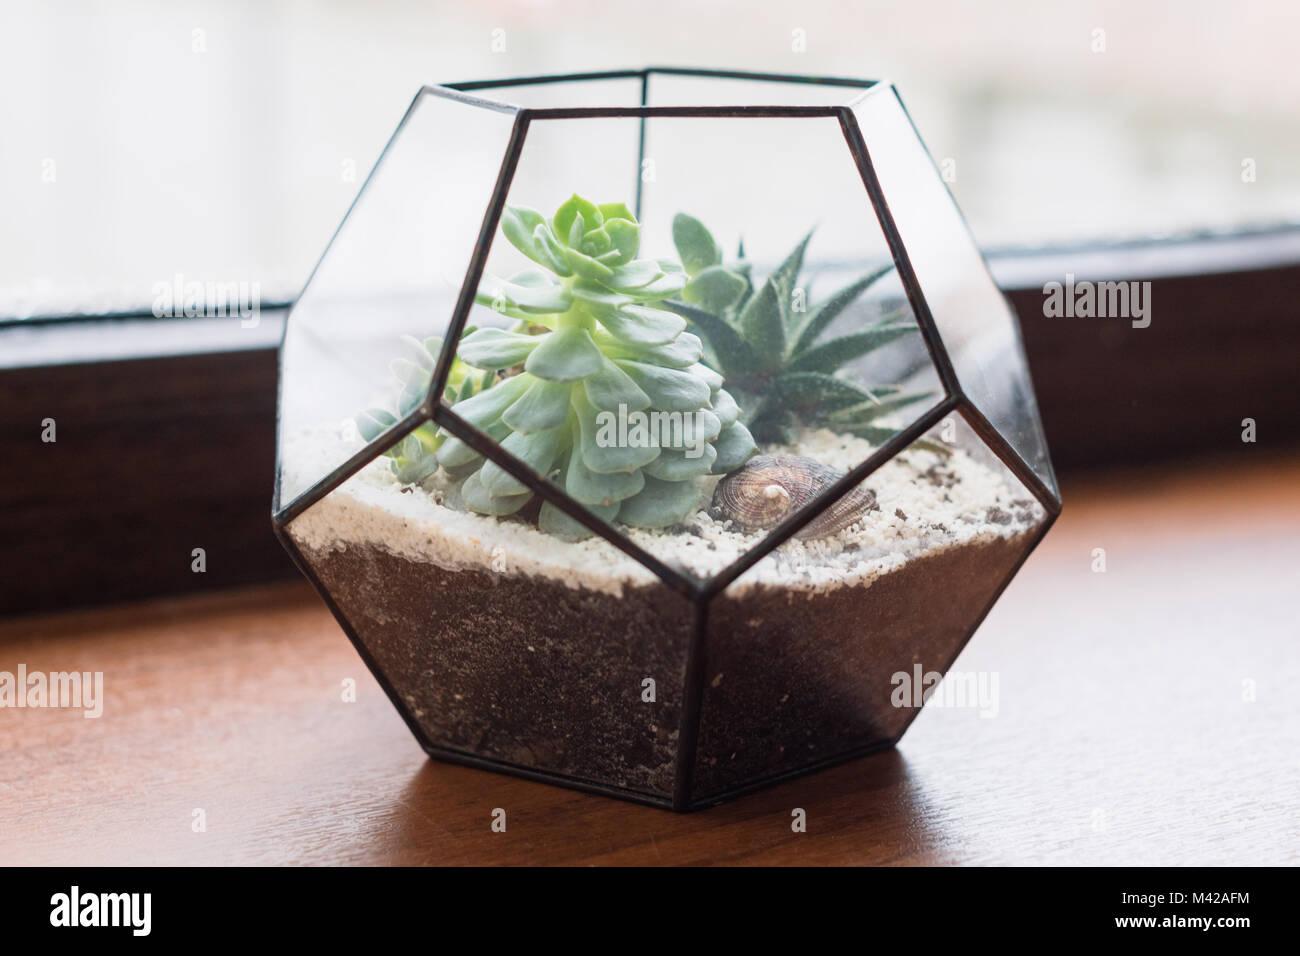 Mini Saftigen Garten In Glas Terrarium Auf Holz Fensterbank. Sukkulenten  Mit Sand Und Felsen Im Glaskasten. Home Dekoration Elemente